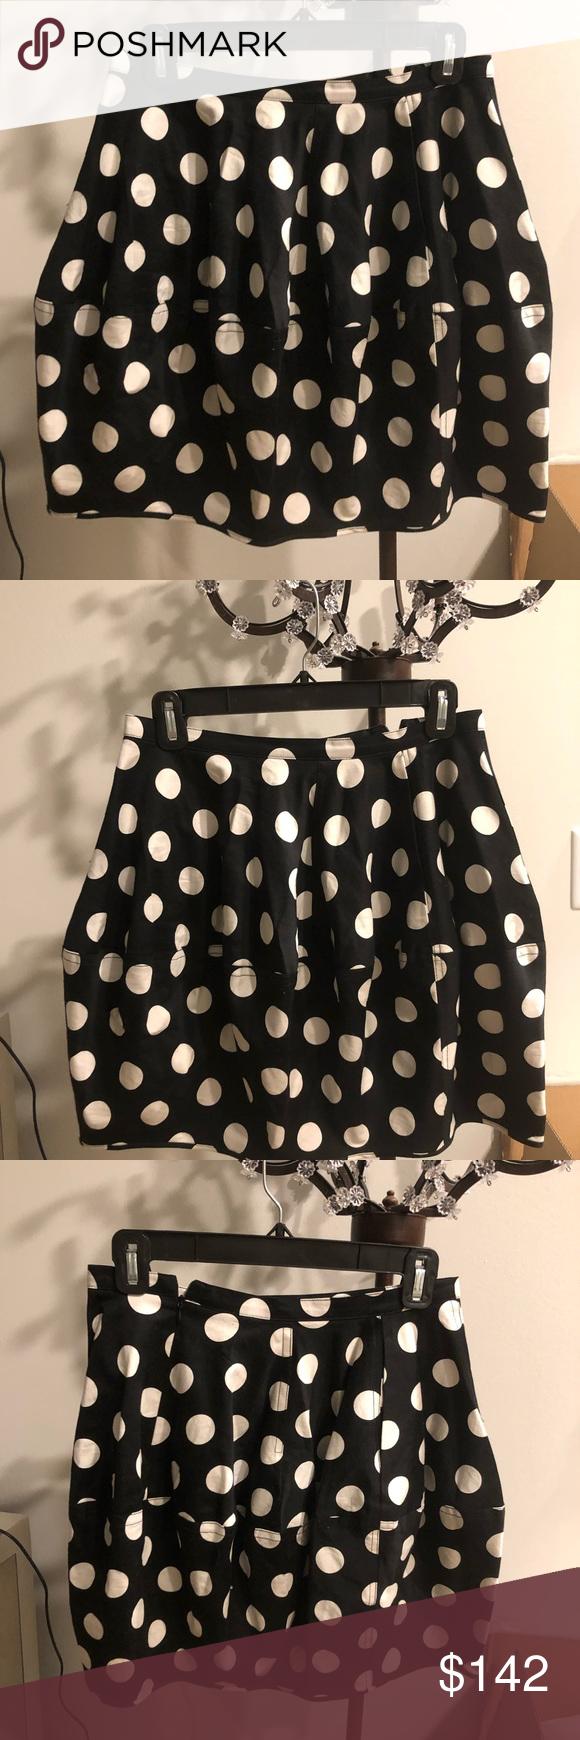 Bubble but mini skirts Like New Helene Berman Skirt Polka Dot Trend Mini Skirts Asos Women